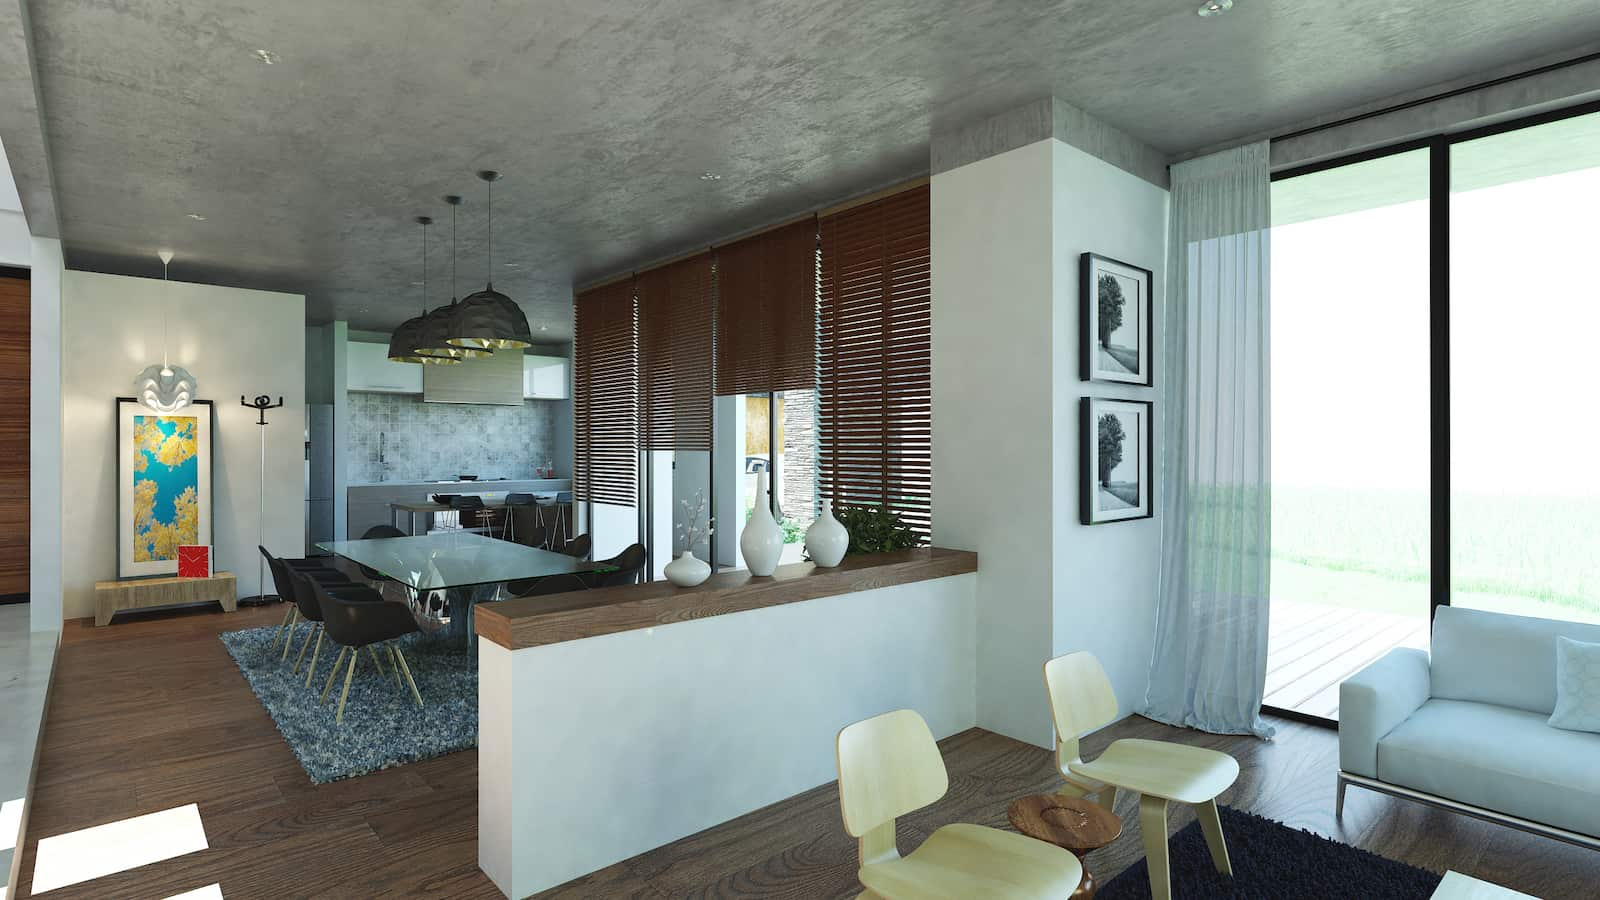 casa-von-raesfeld-comedor-cocina